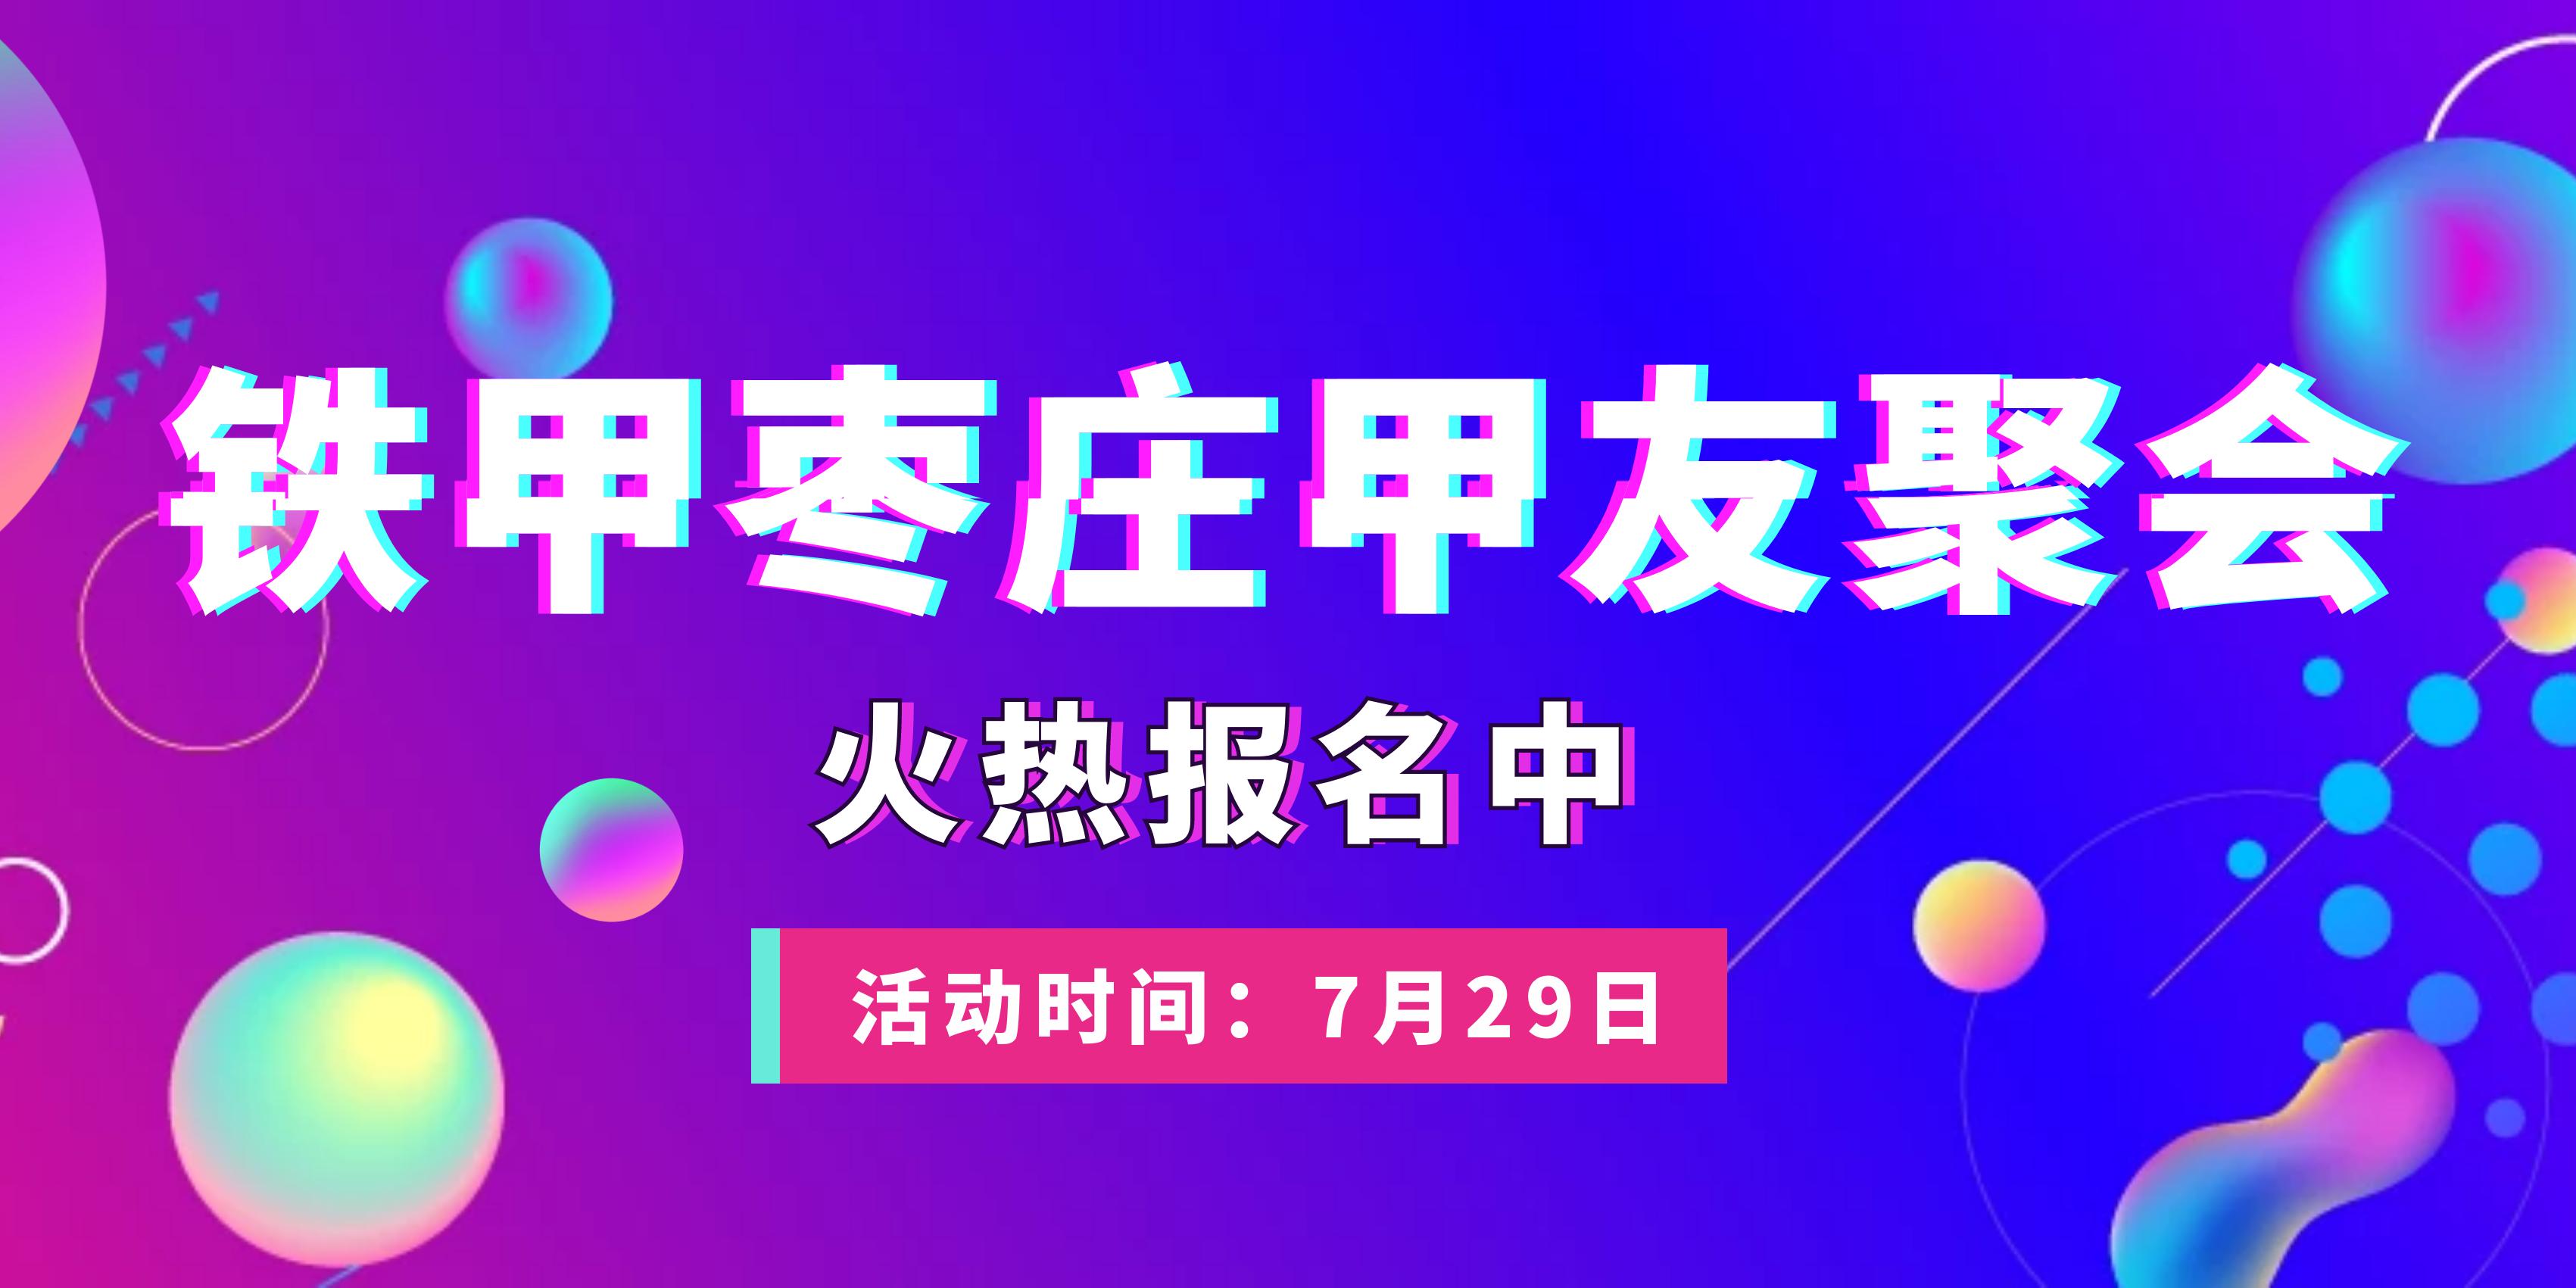 【招募令】铁甲山东枣庄甲友聚会,火热报名中!!